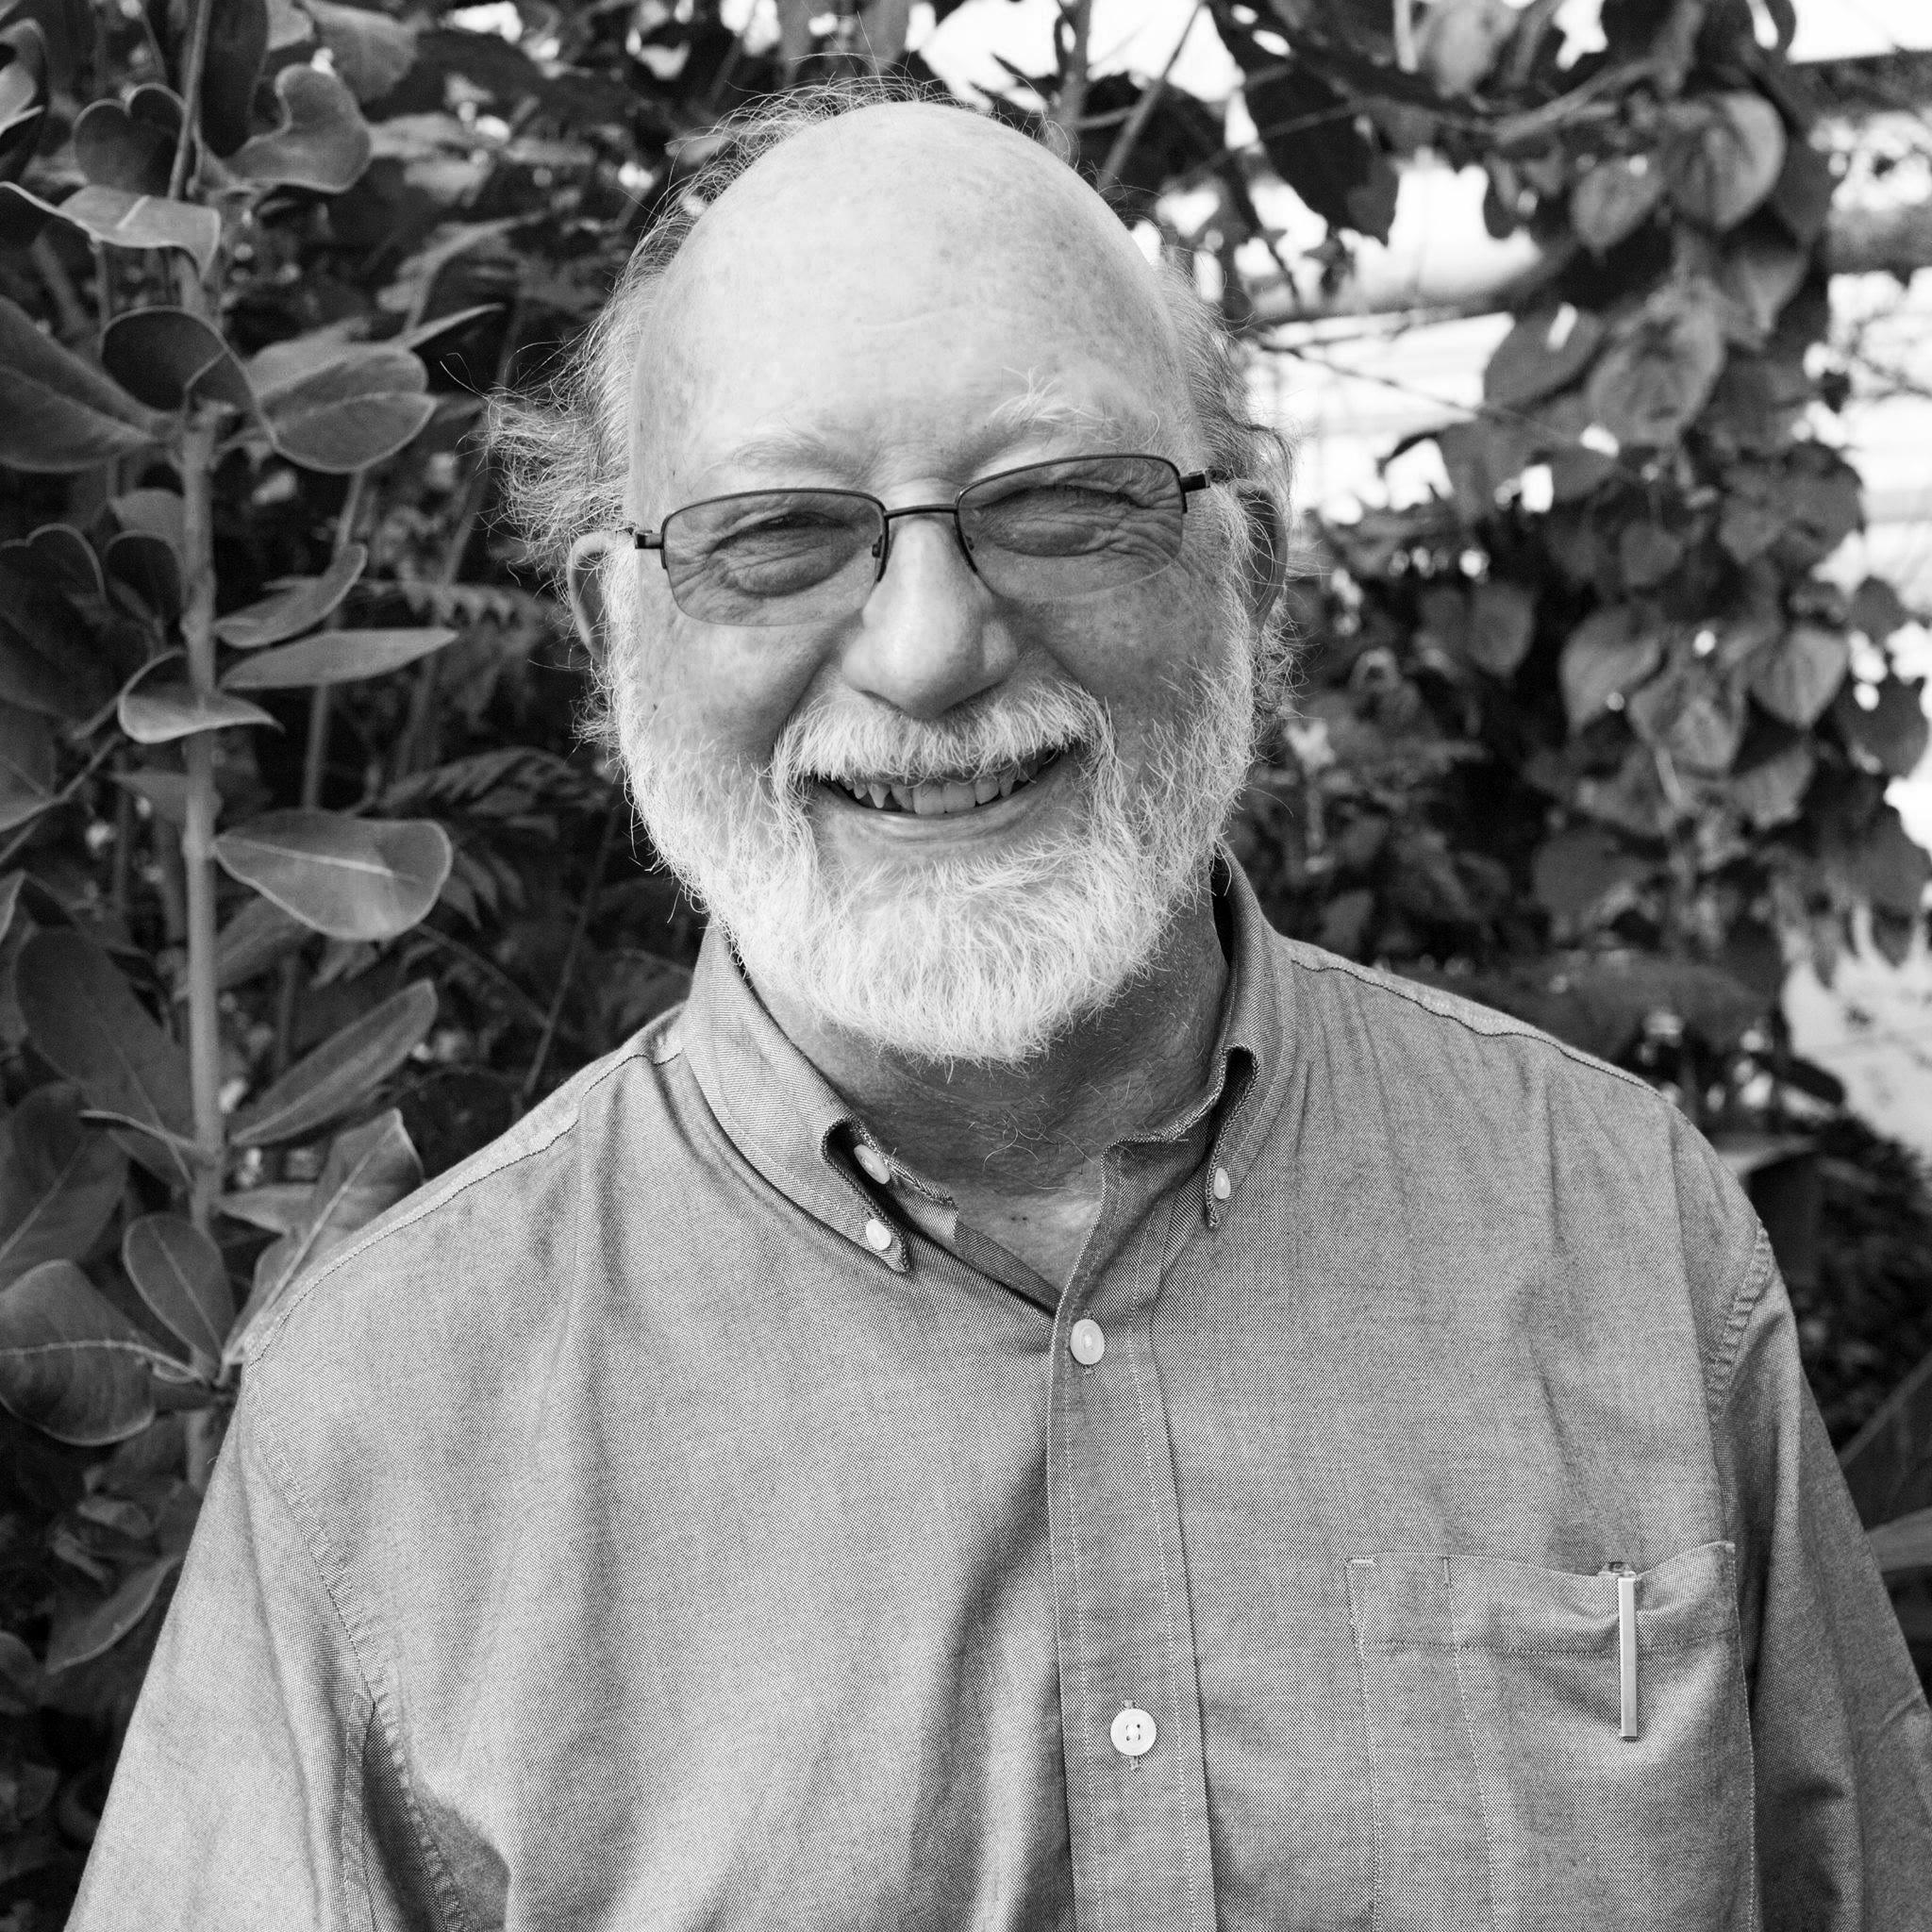 Dennis McKenna PhD - Ethnobotanist